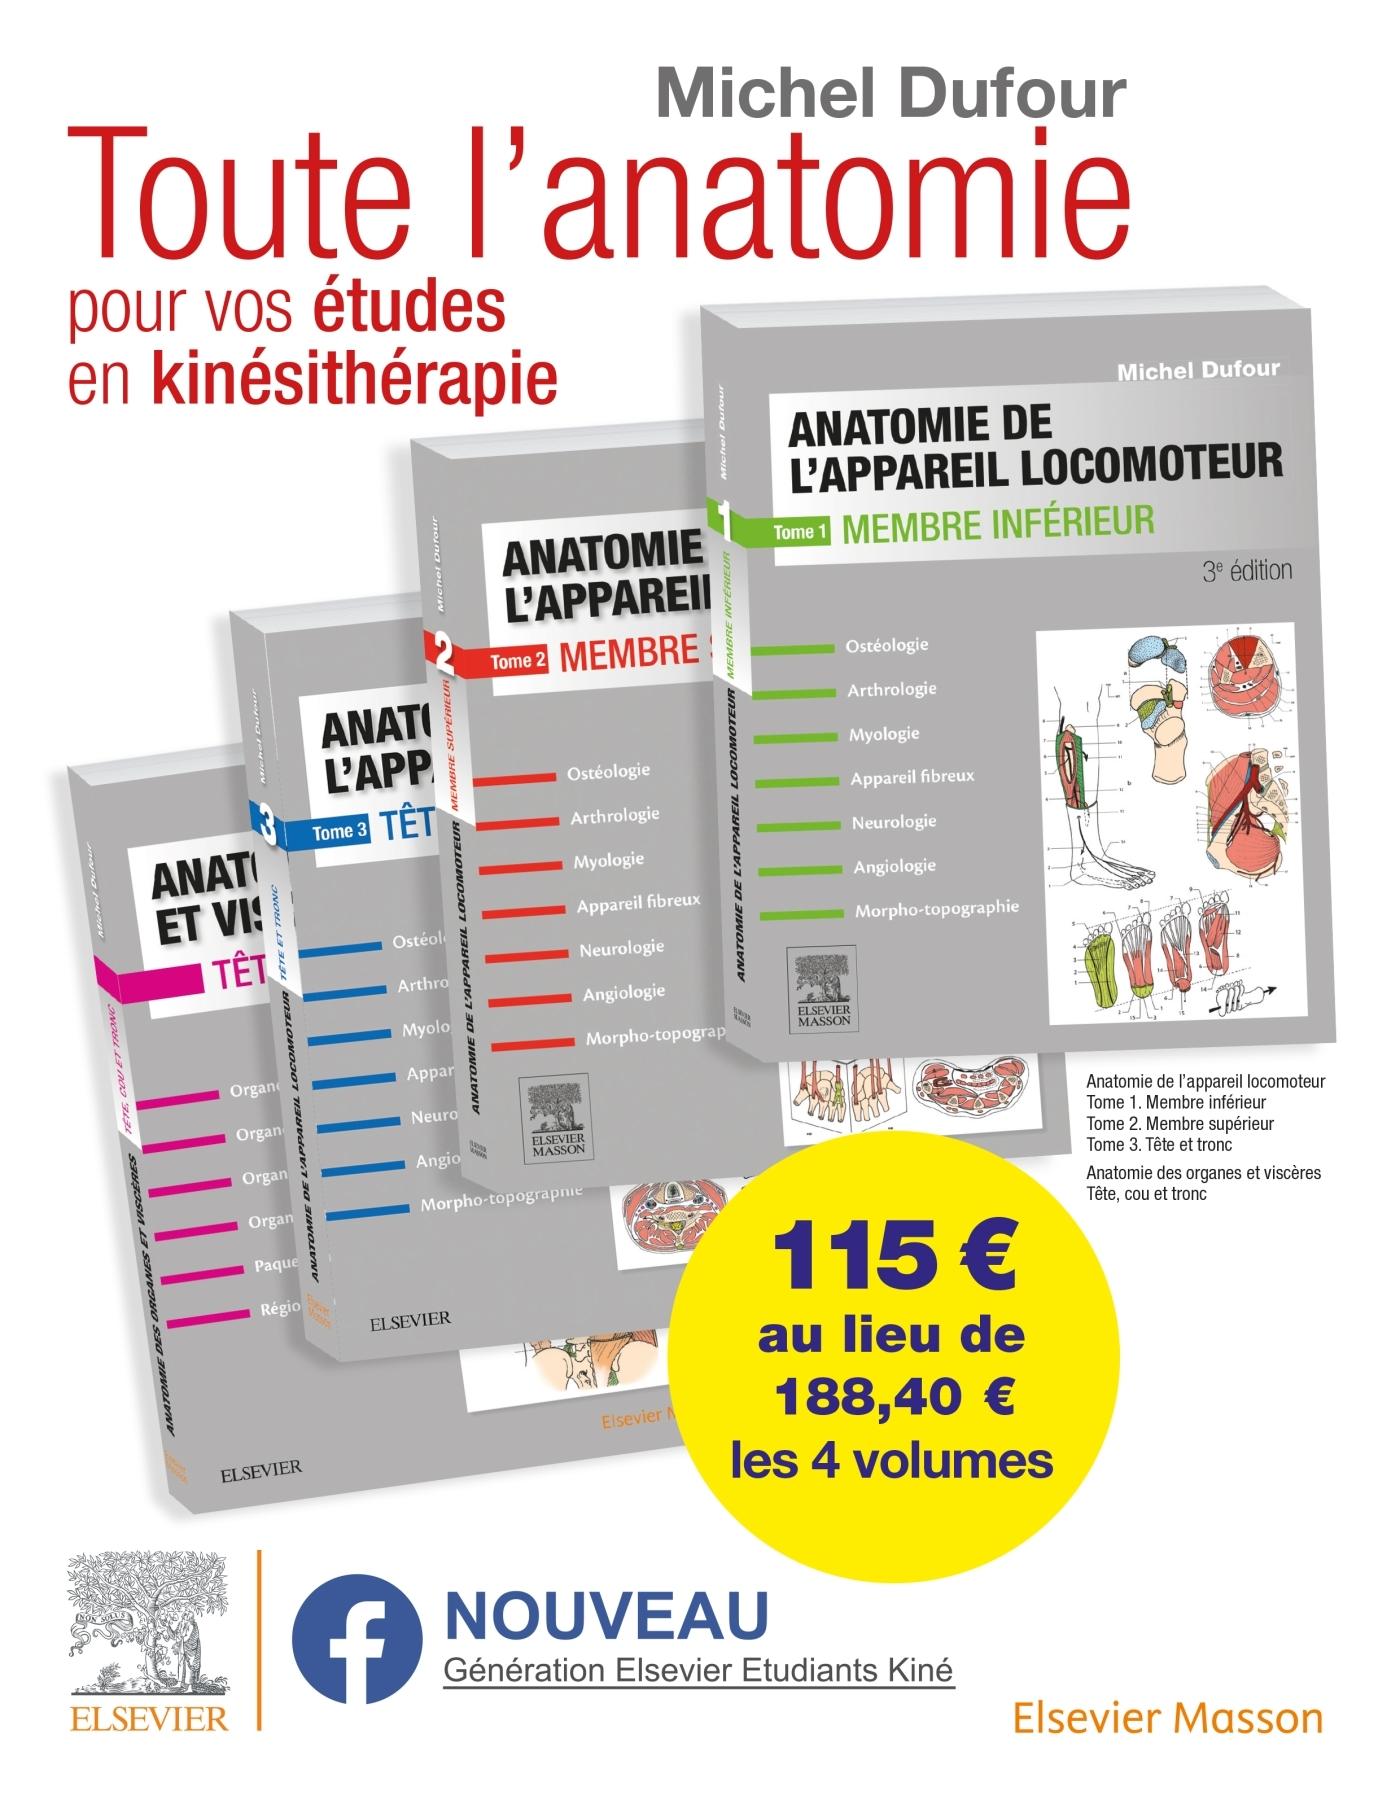 ANATOMIE DE L'APPAREIL LOCOMOTEUR. ANATOMIE DES ORGANES ET DES VISCERES. PACK DES 4 TOMES